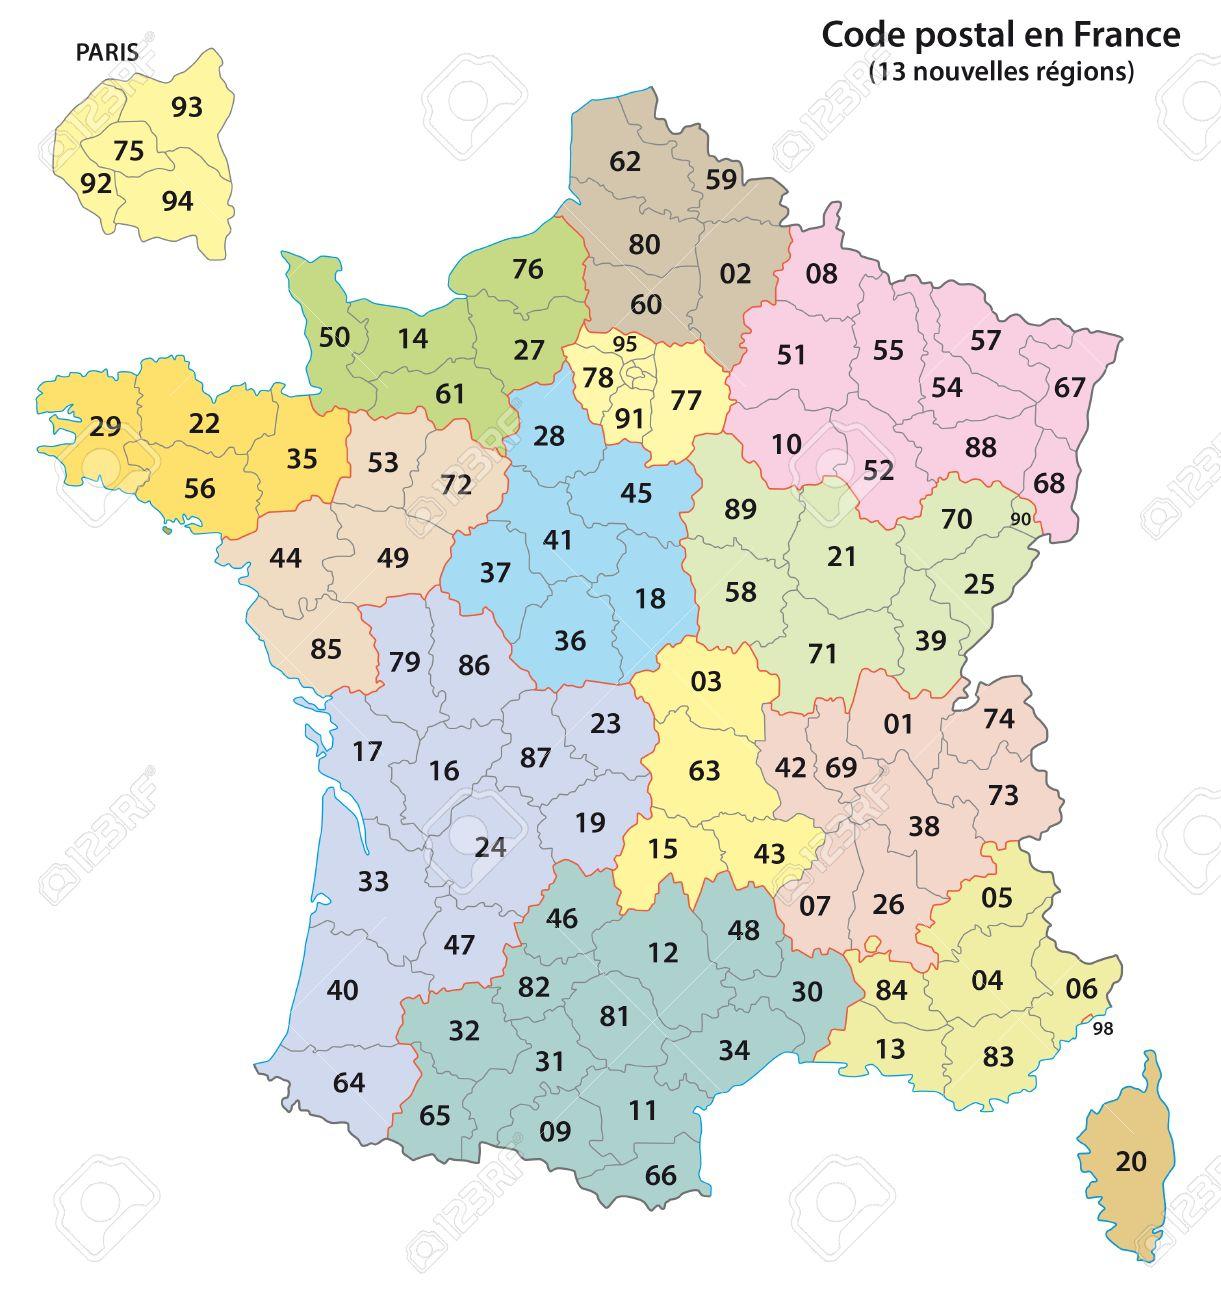 France 2-Digit Postcodes Map 2017 (13 Regions) serapportantà Les 13 Régions